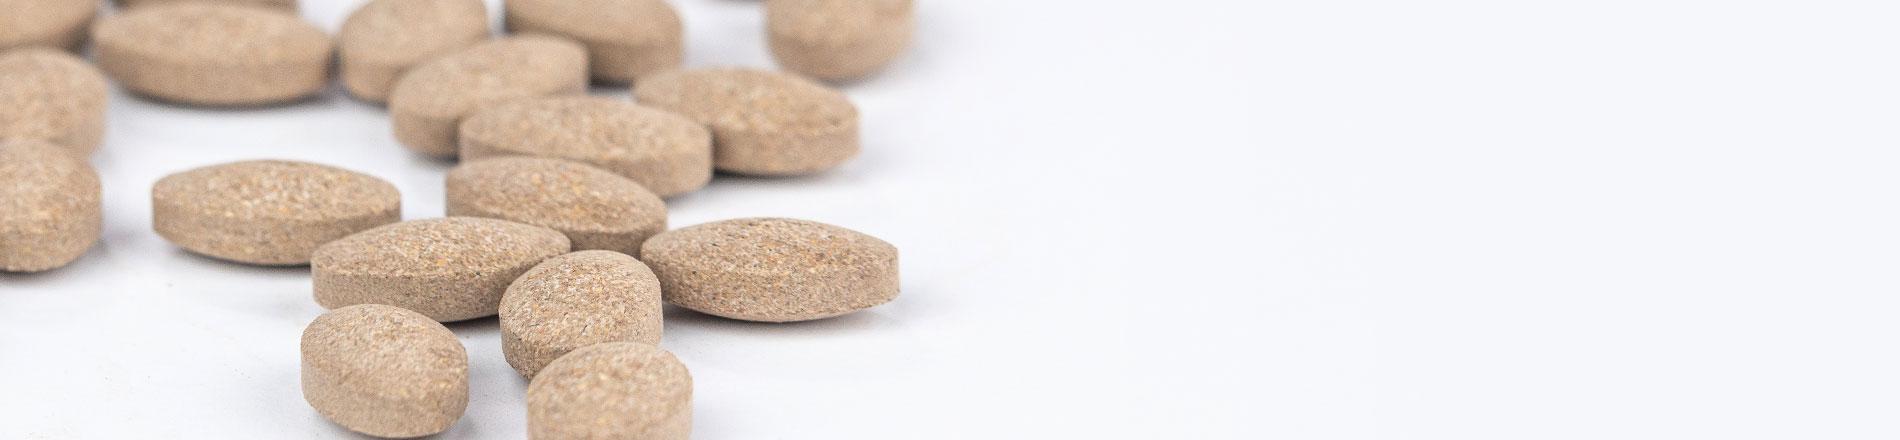 Liver Formula tablets